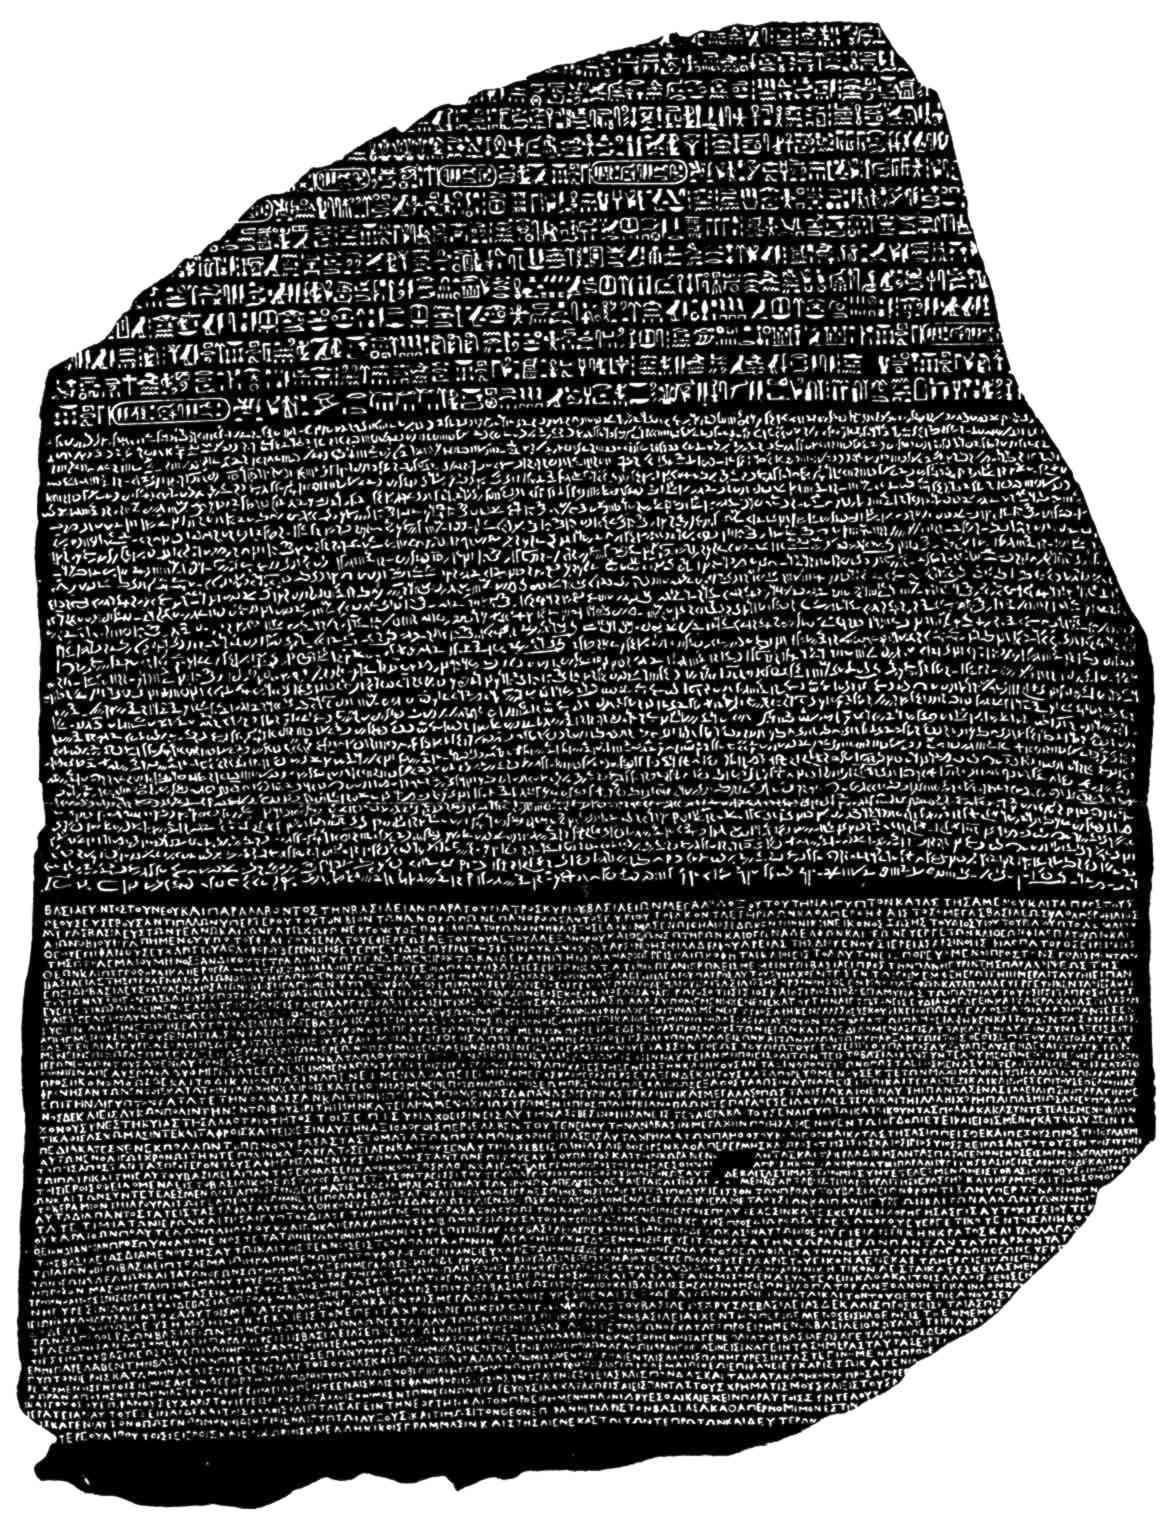 Rosetta stone big boob girl